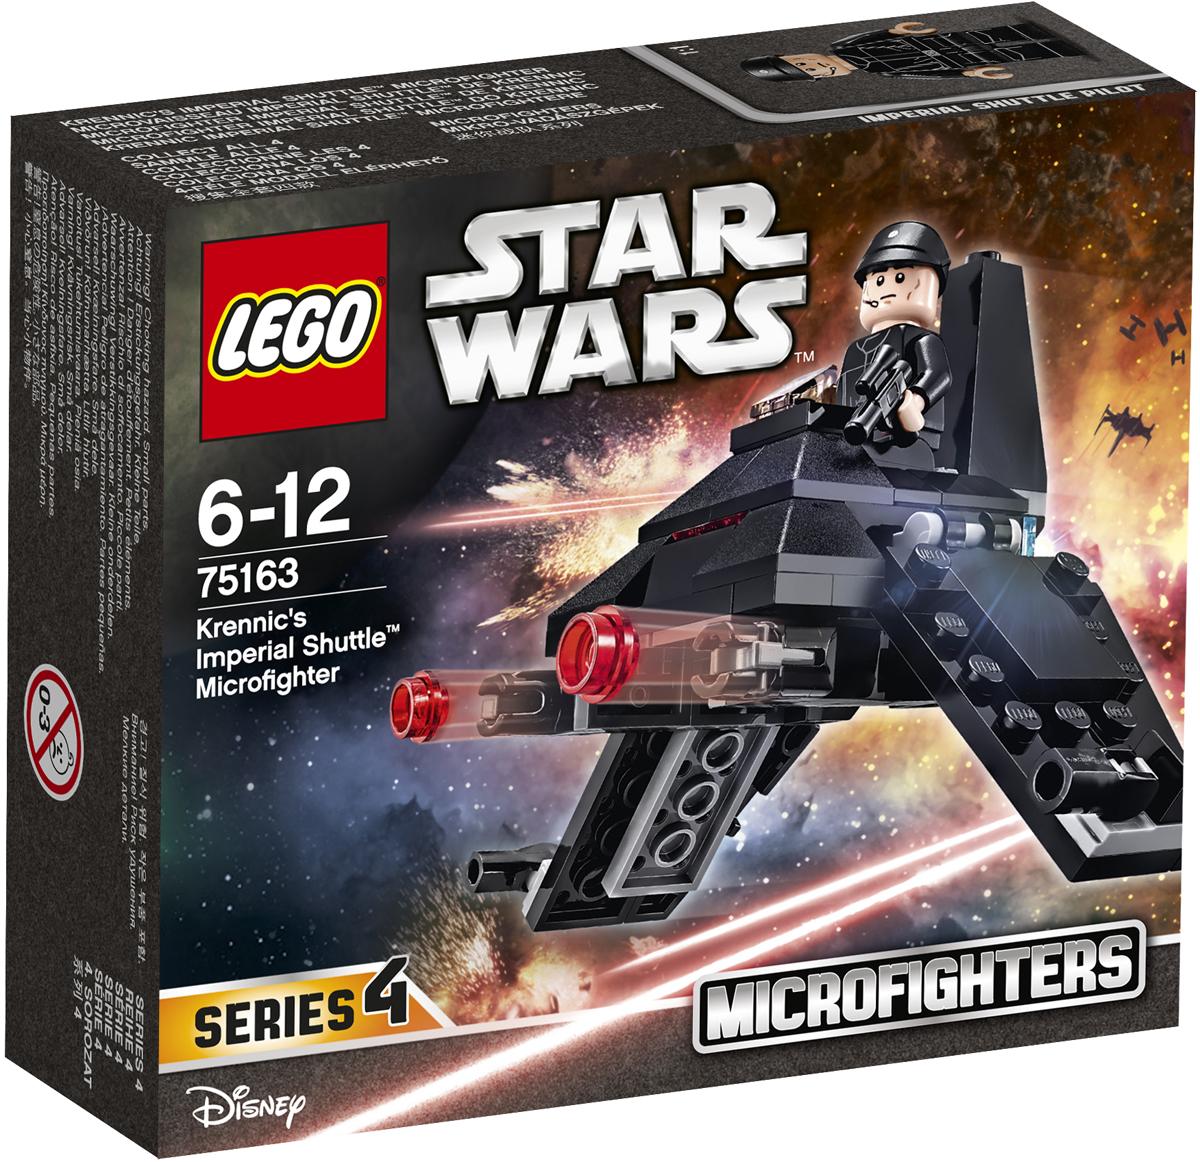 LEGO Star Wars Конструктор Микроистребитель Имперский шаттл Кренника 75163 конструкторы lego lego star wars tm микроистребитель имперский шаттл кренника 75163